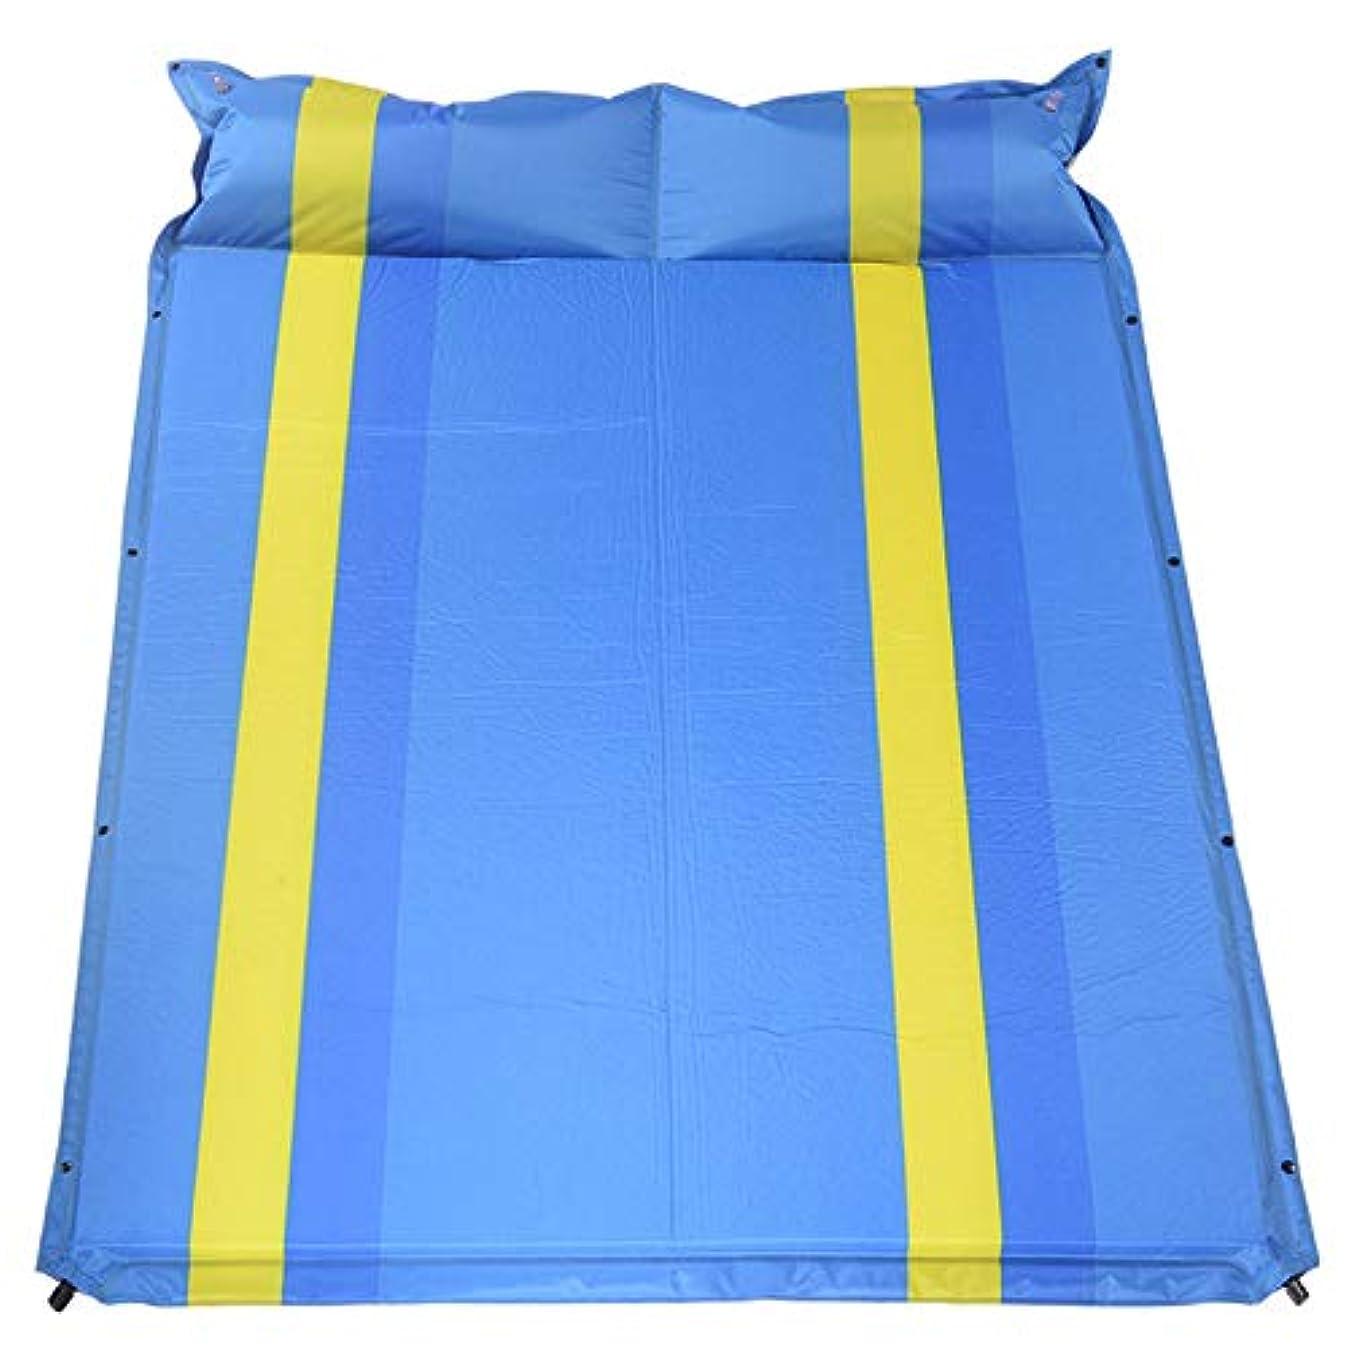 不規則性裁判所操縦するインフレータブル睡眠マット、屋外ダブル自動インフレータブルマット肥厚拡幅テントキャンプマットフラットラバースリーピングマット